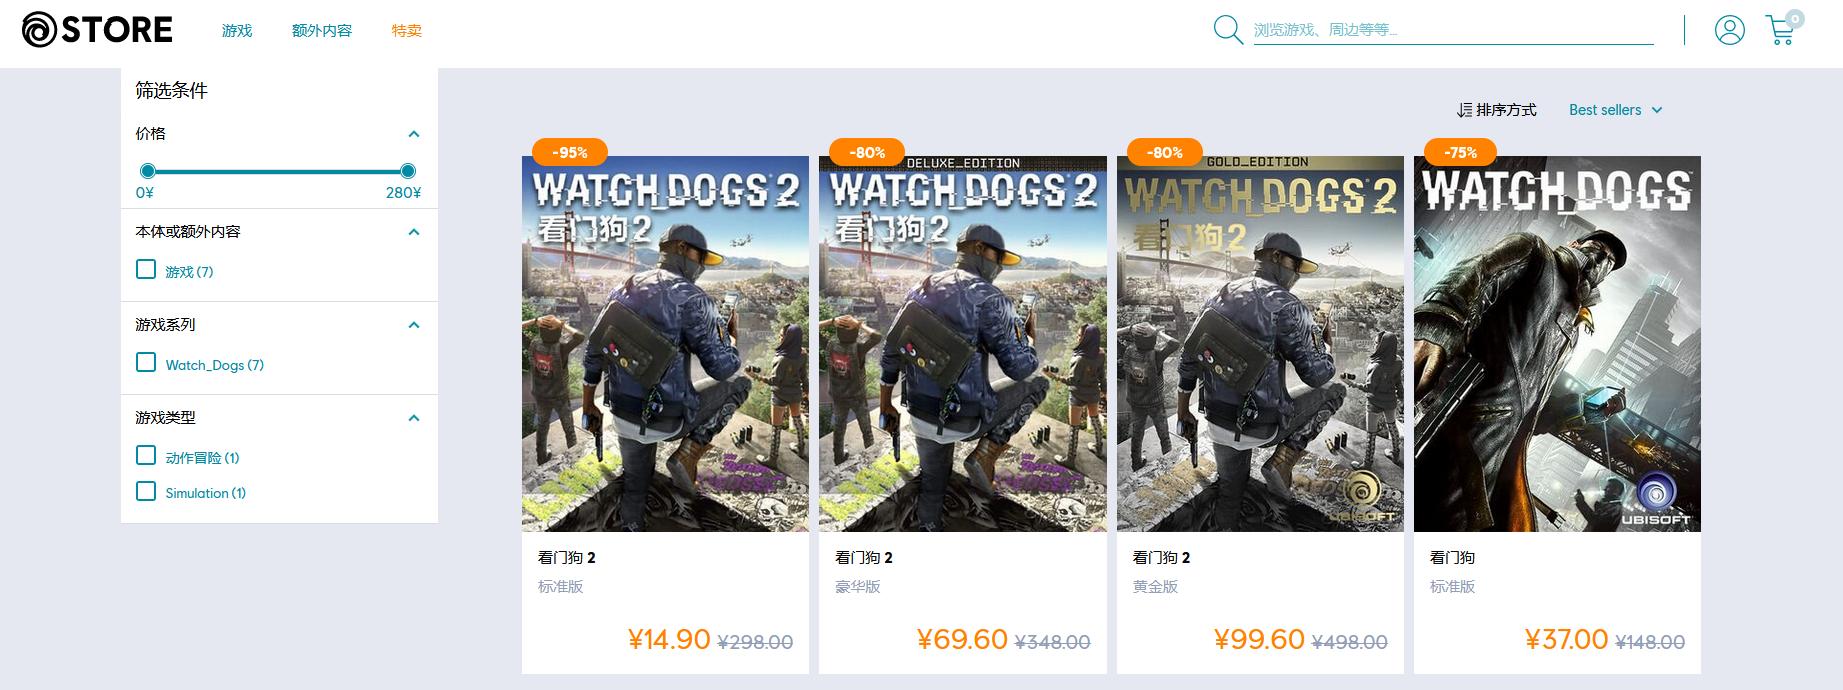 育碧国区商城《看门狗》系列骨折优惠 最低14.9元!